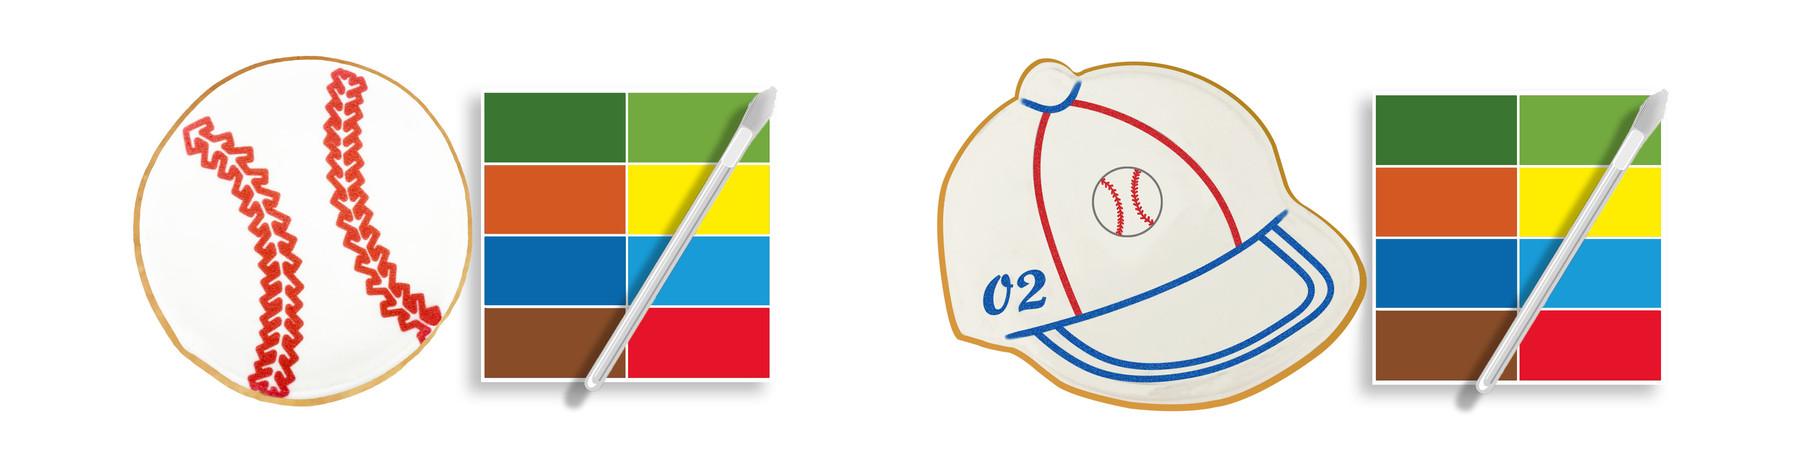 N baseball 1 copia.jpg